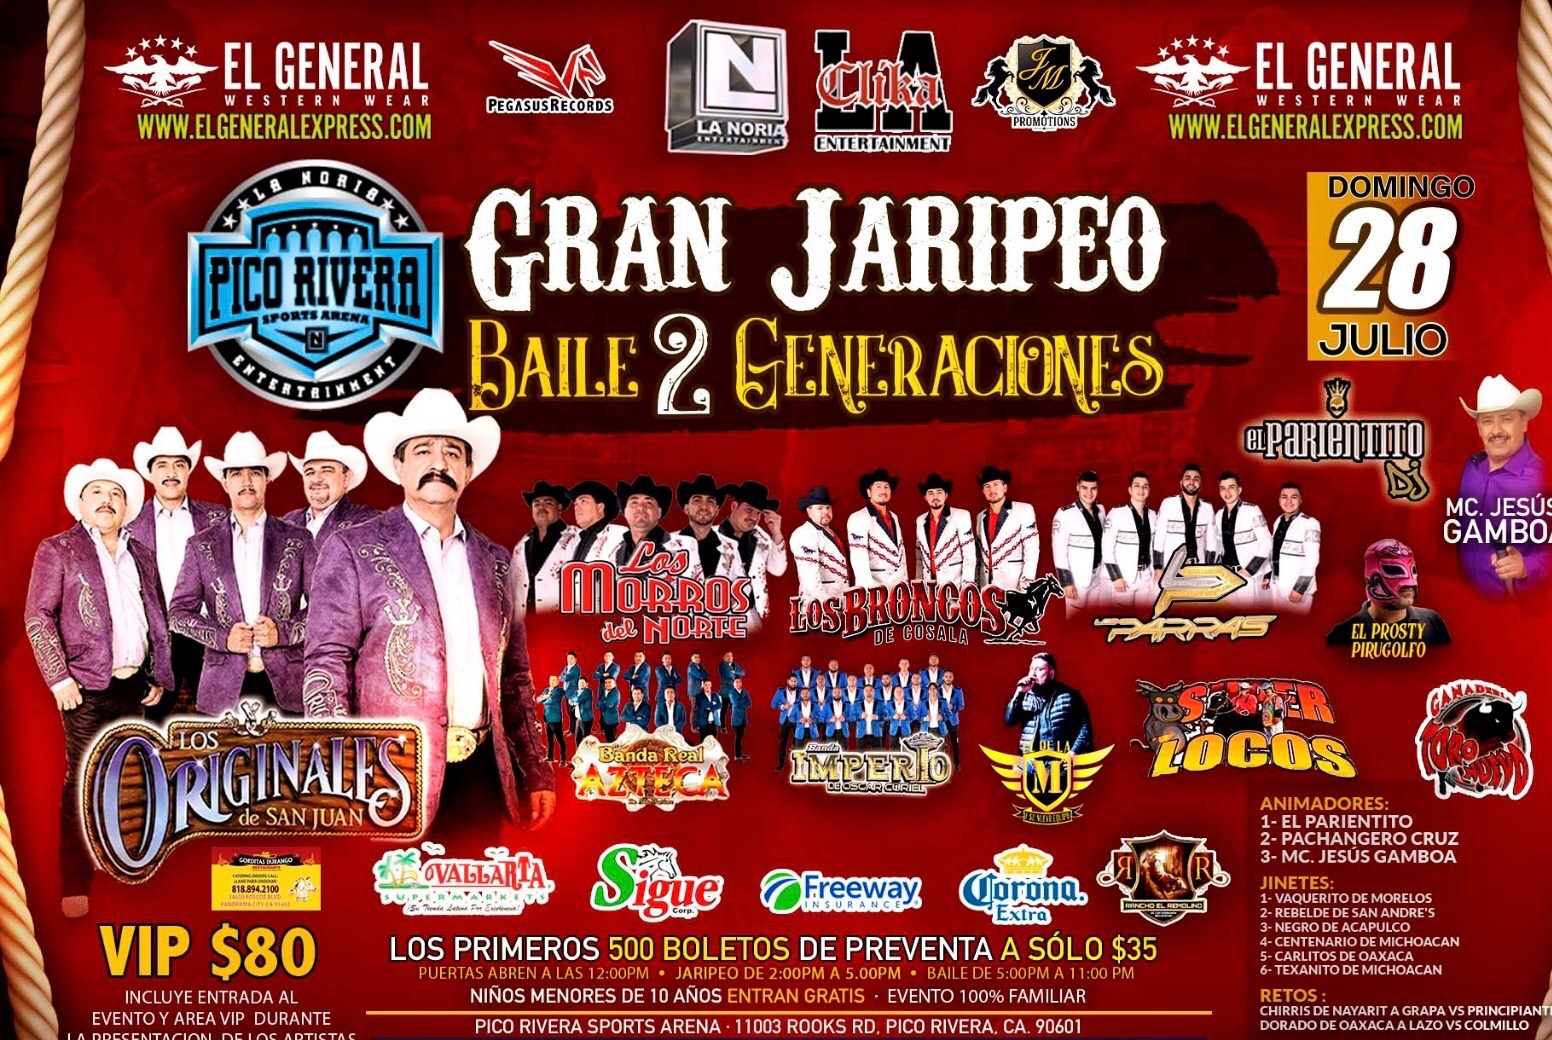 Buy Tickets to JARIPEO DOS GENERACIONES in Pico Rivera on